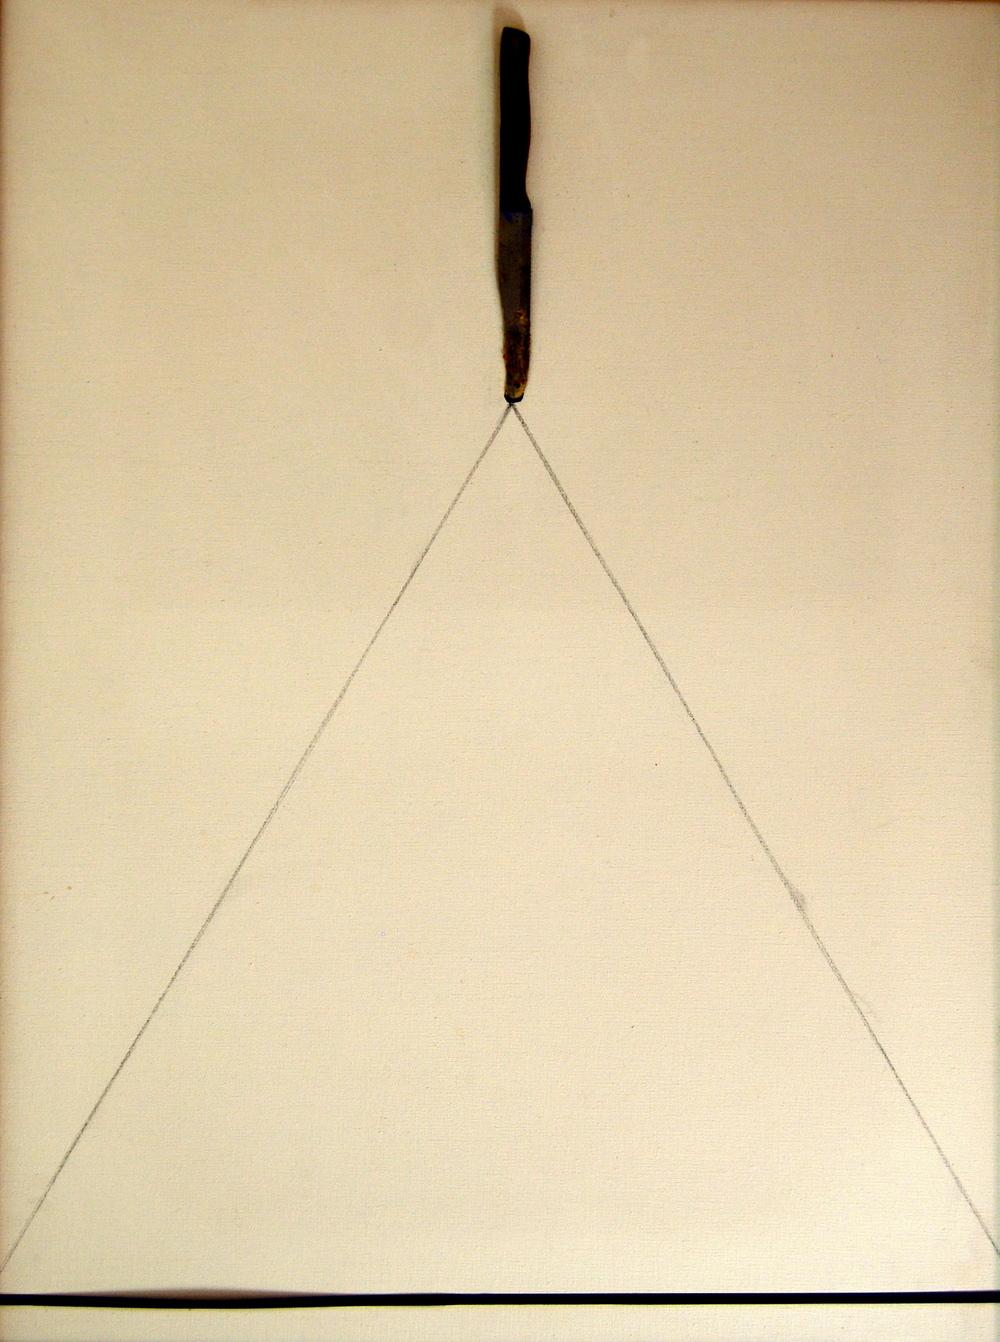 Il coltello, 1975, polimaterico su tela, cm 80 x 60  Il coltello, 1975,mixed media on canvas, cm 80 x 60